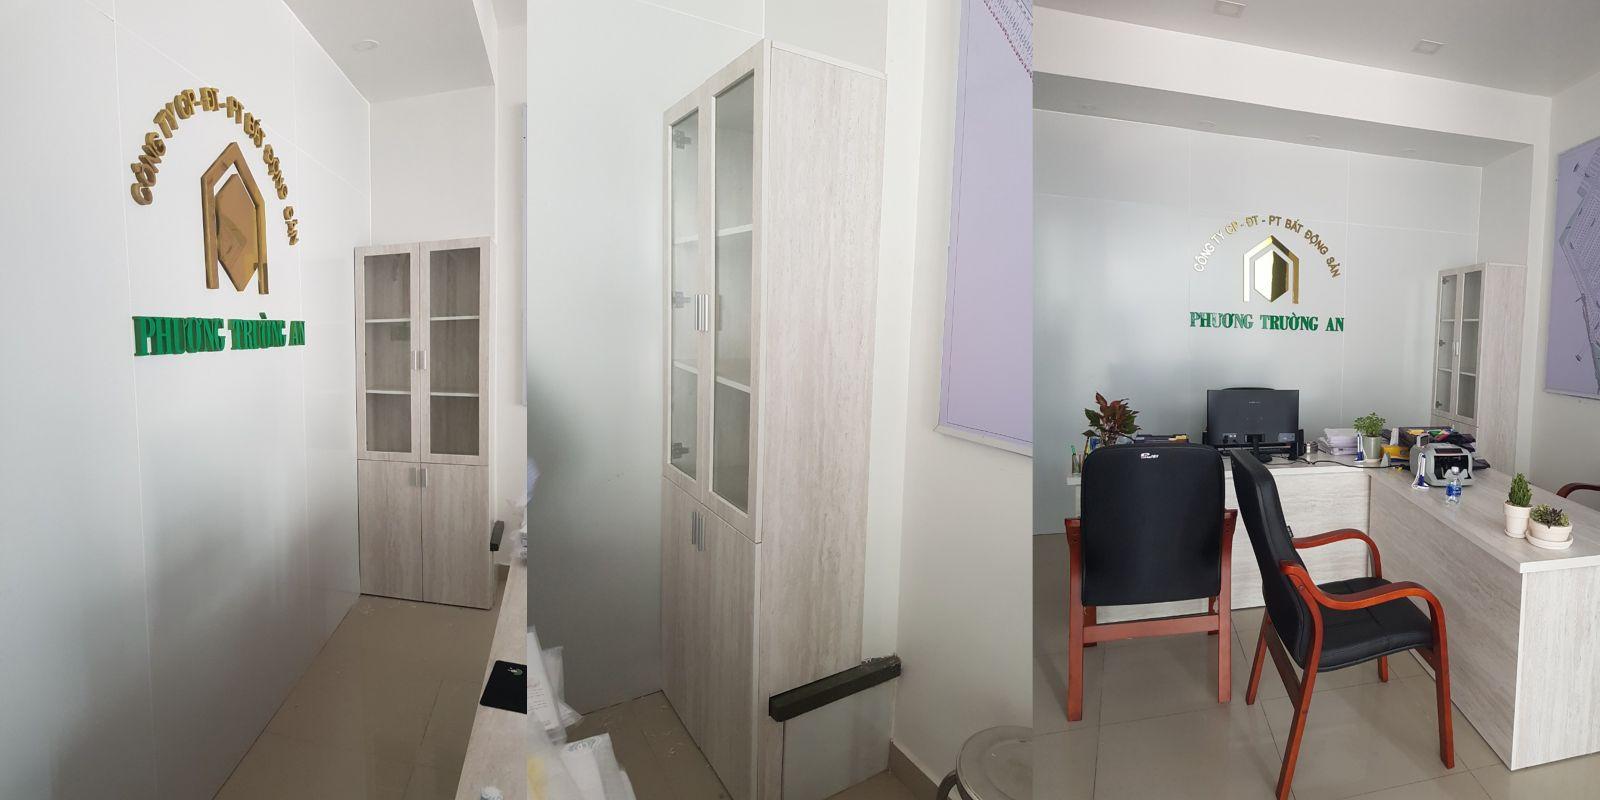 Trọn bộ nội thất văn phòng Công ty BĐS Phương Trường An